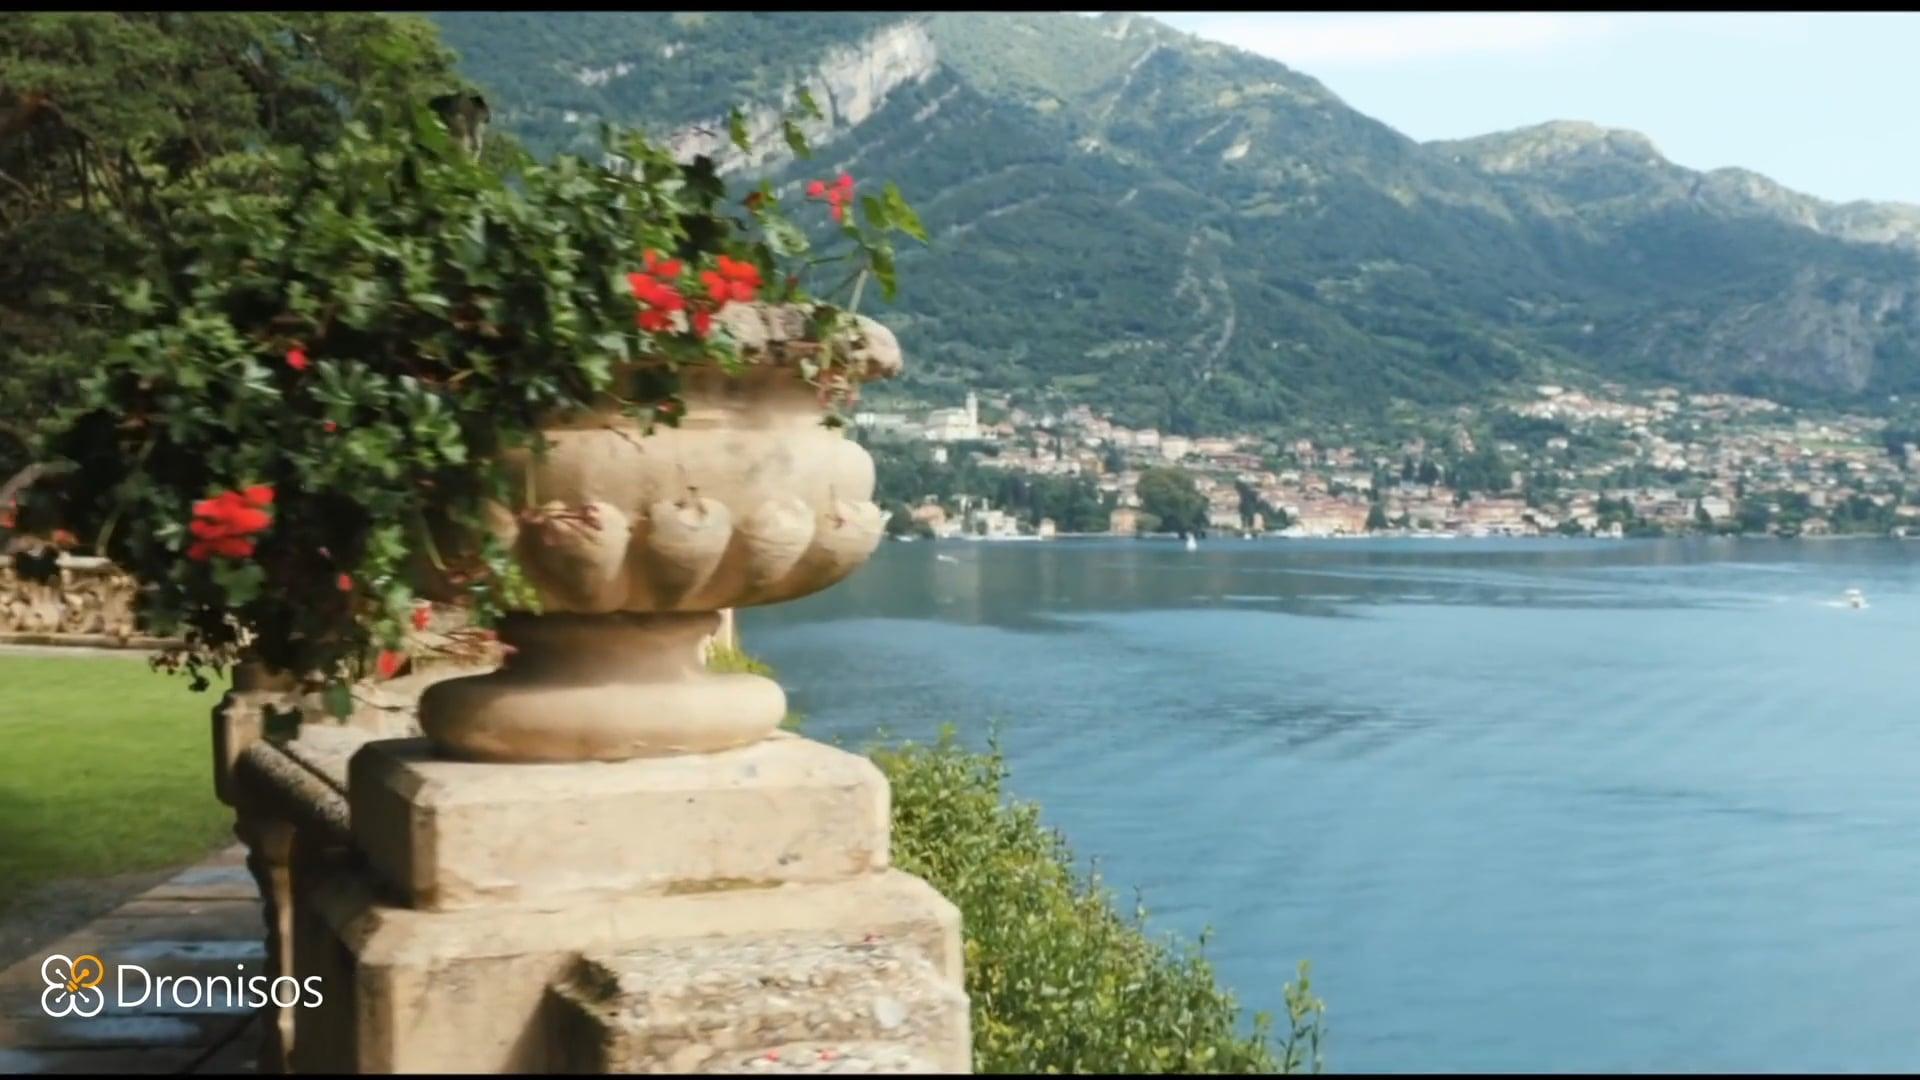 Drone show for a wedding at Villa Balbianello, Lake Como, Italy